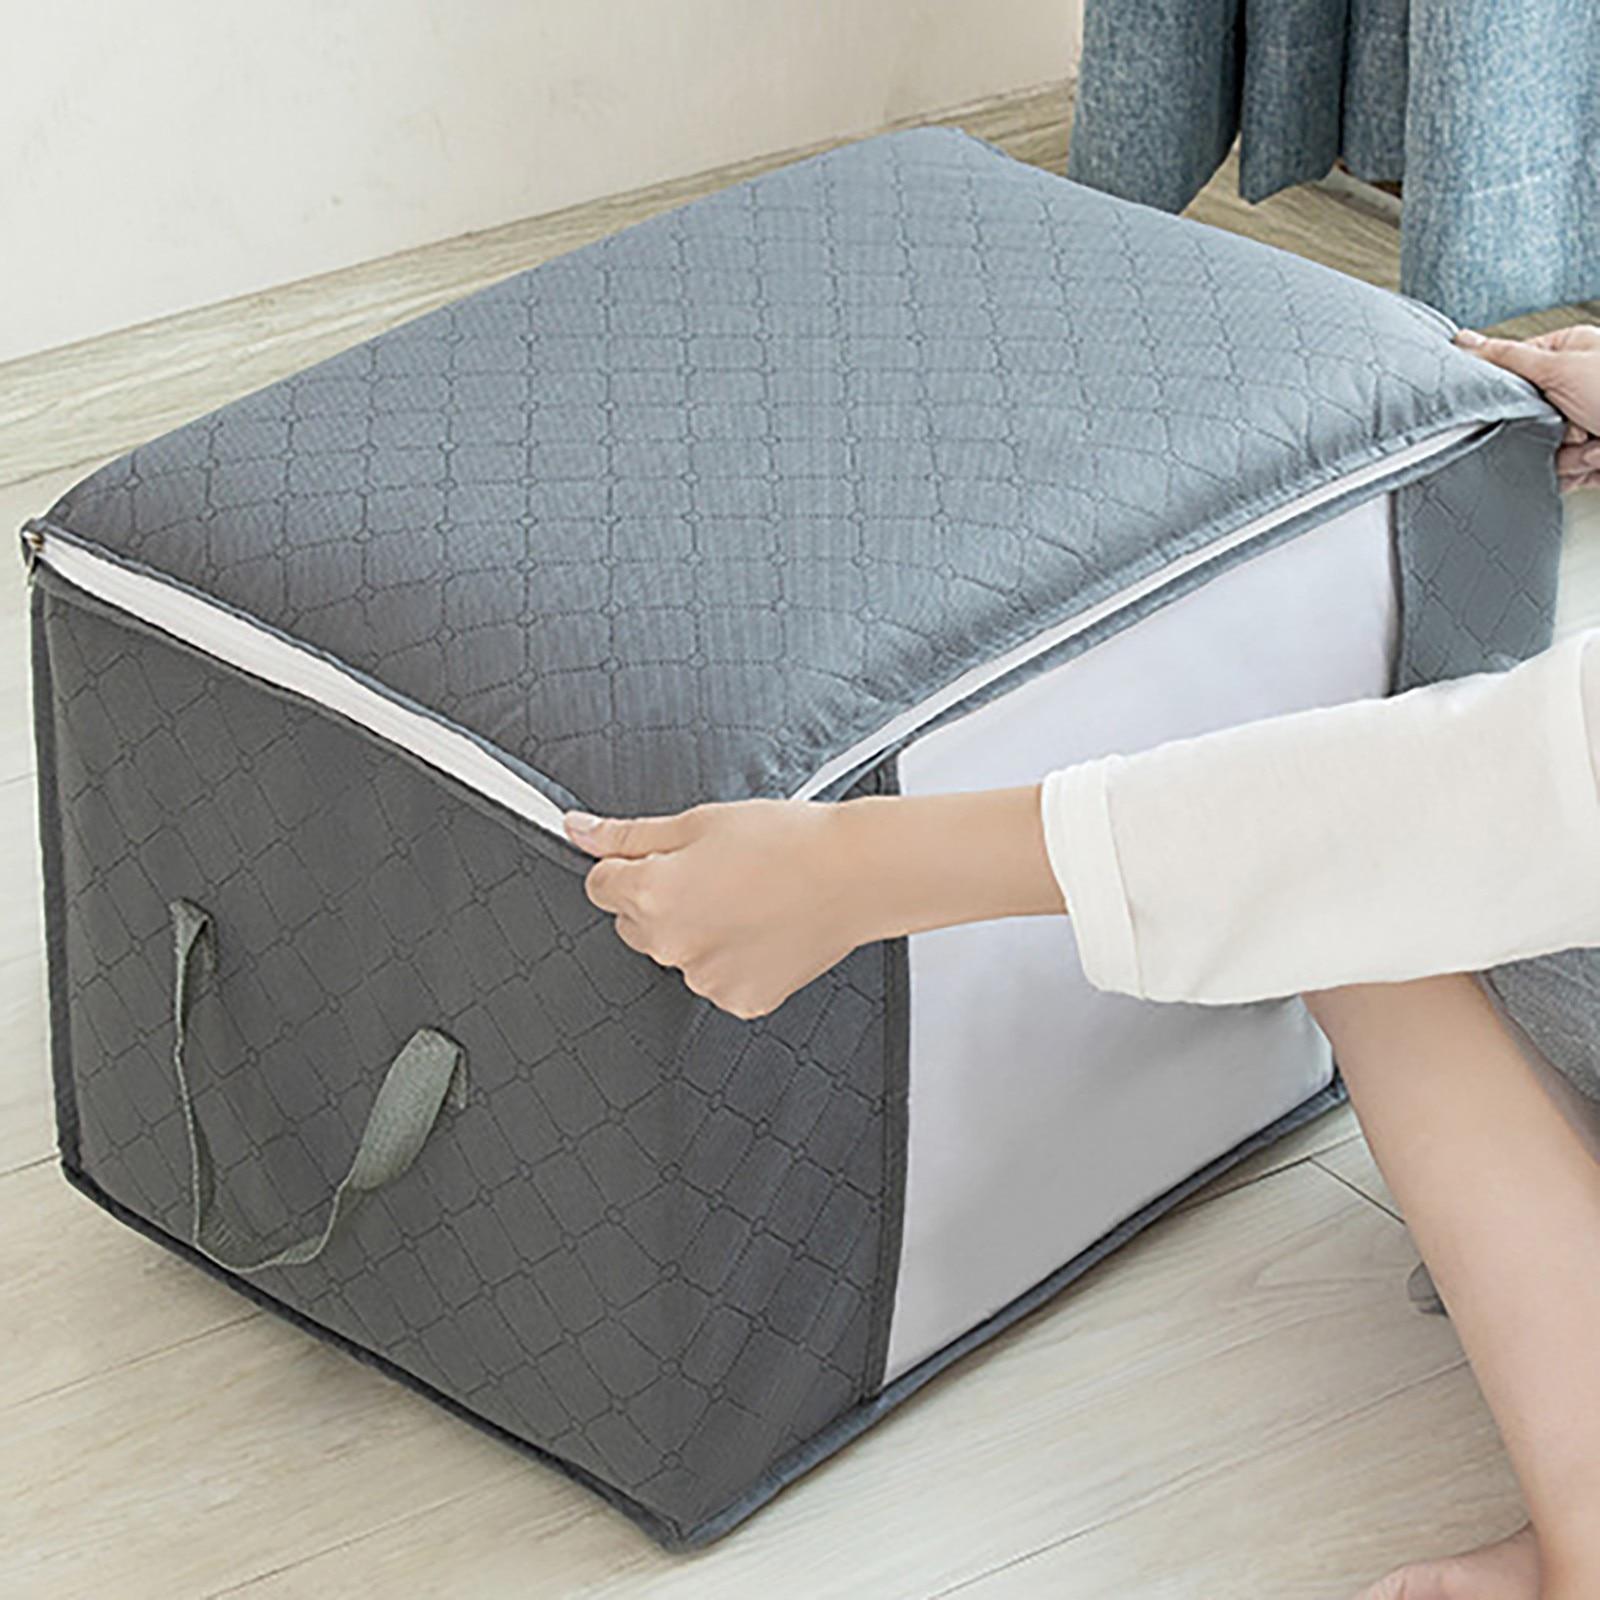 60x40x3 5 سنتيمتر حقيبة التخزين للملابس بطانية للطي النسيج وسادة لحاف بطانية المنظم سعة كبيرة خزانة حقيبة للتخزين #8